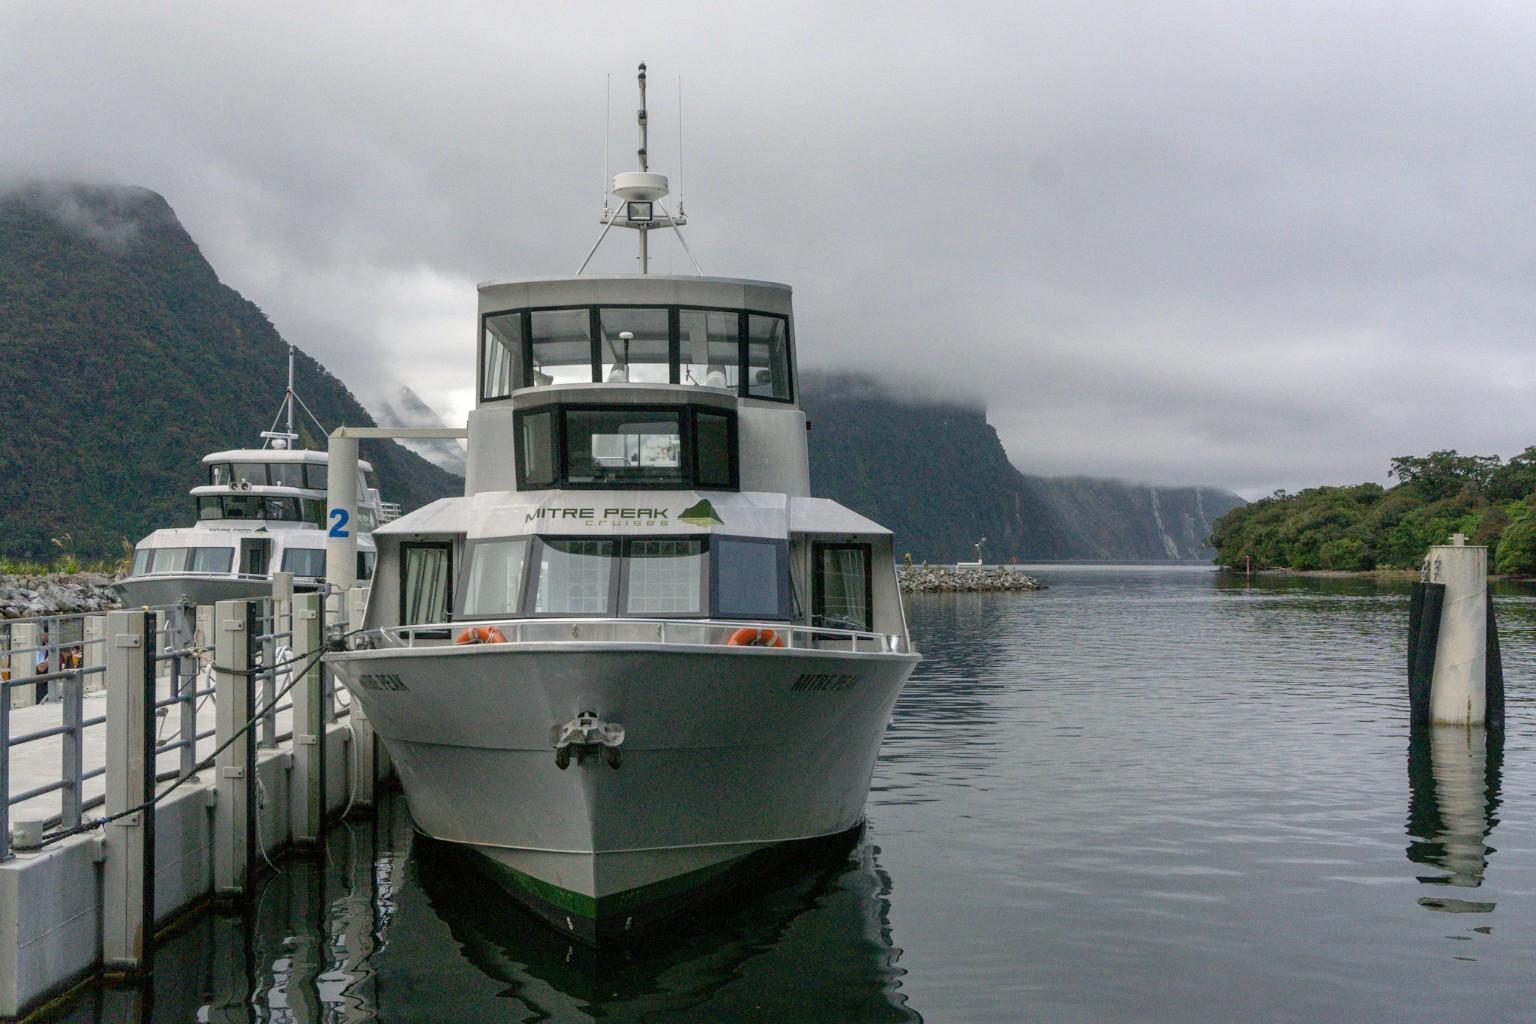 Mitre Peak Cruise am Milford Sound